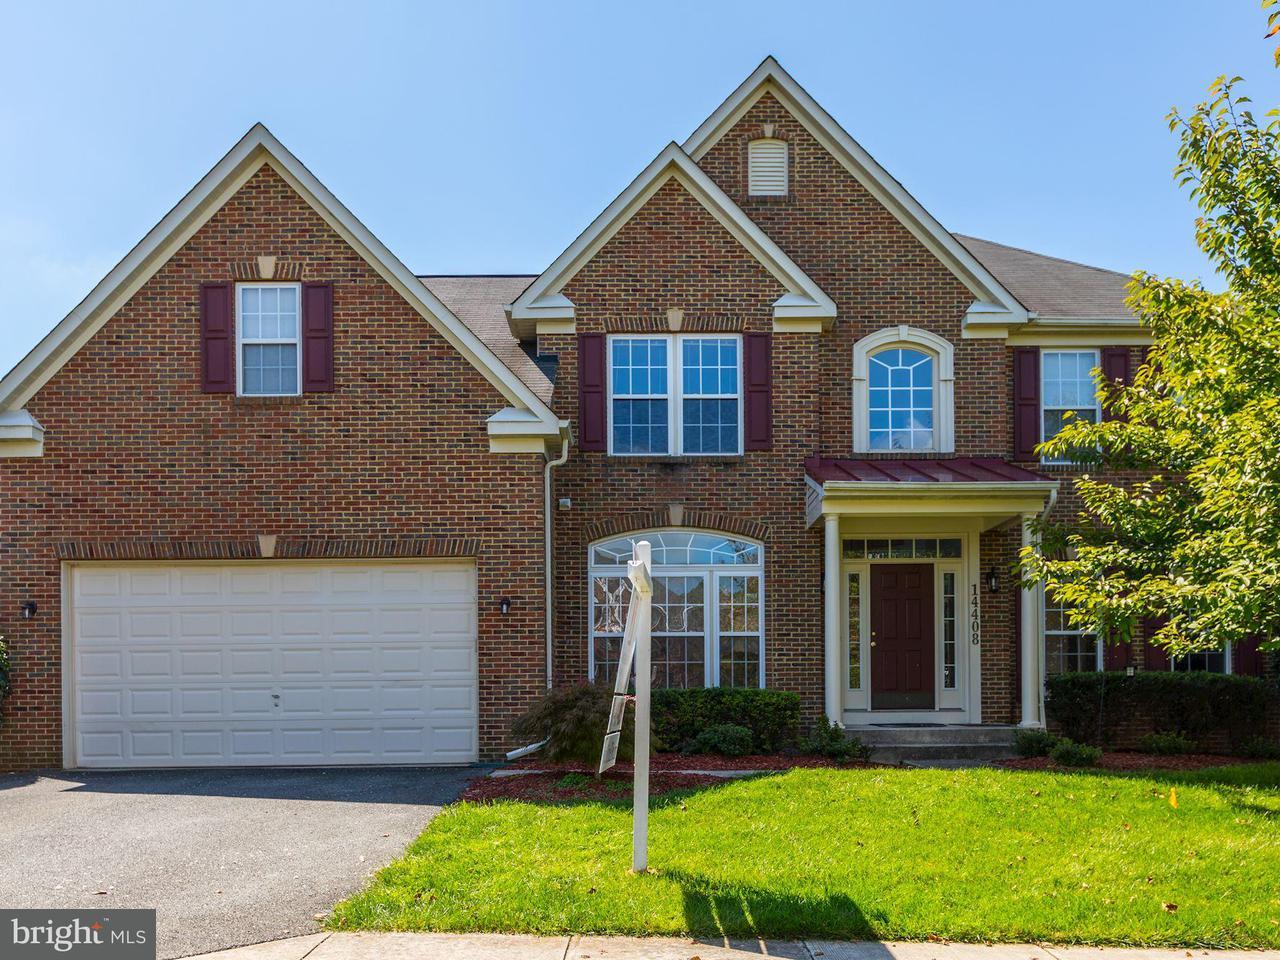 Частный односемейный дом для того Продажа на 14408 AUTUMN CREST Road 14408 AUTUMN CREST Road Boyds, Мэриленд 20841 Соединенные Штаты